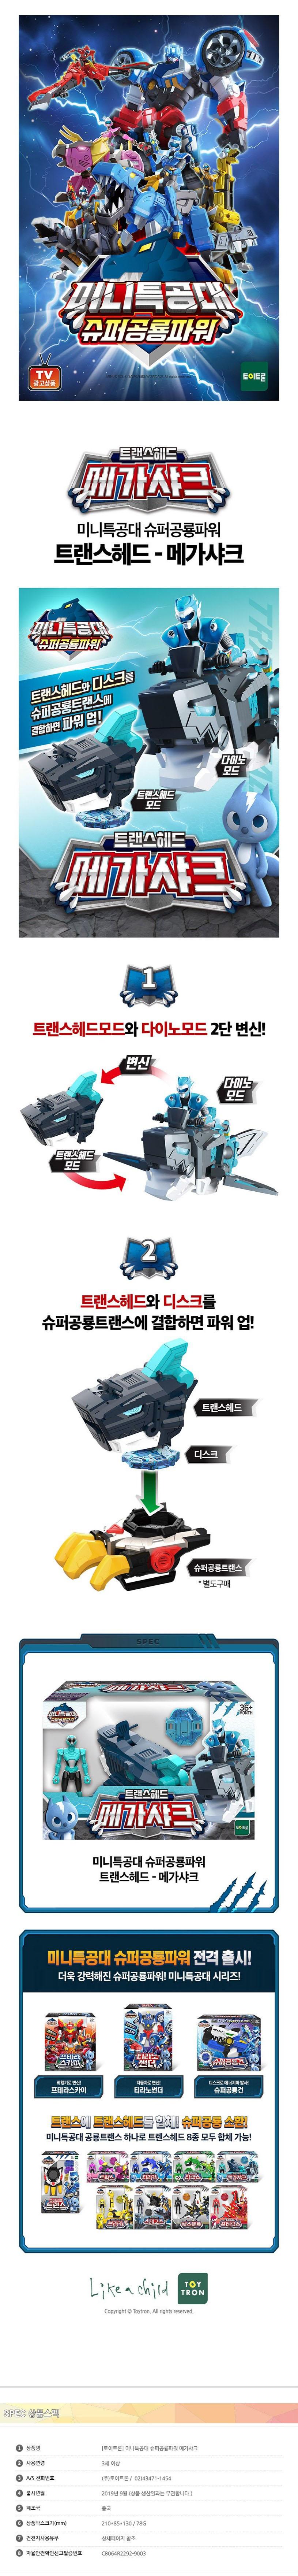 33000미니특공대메가샤크.jpg